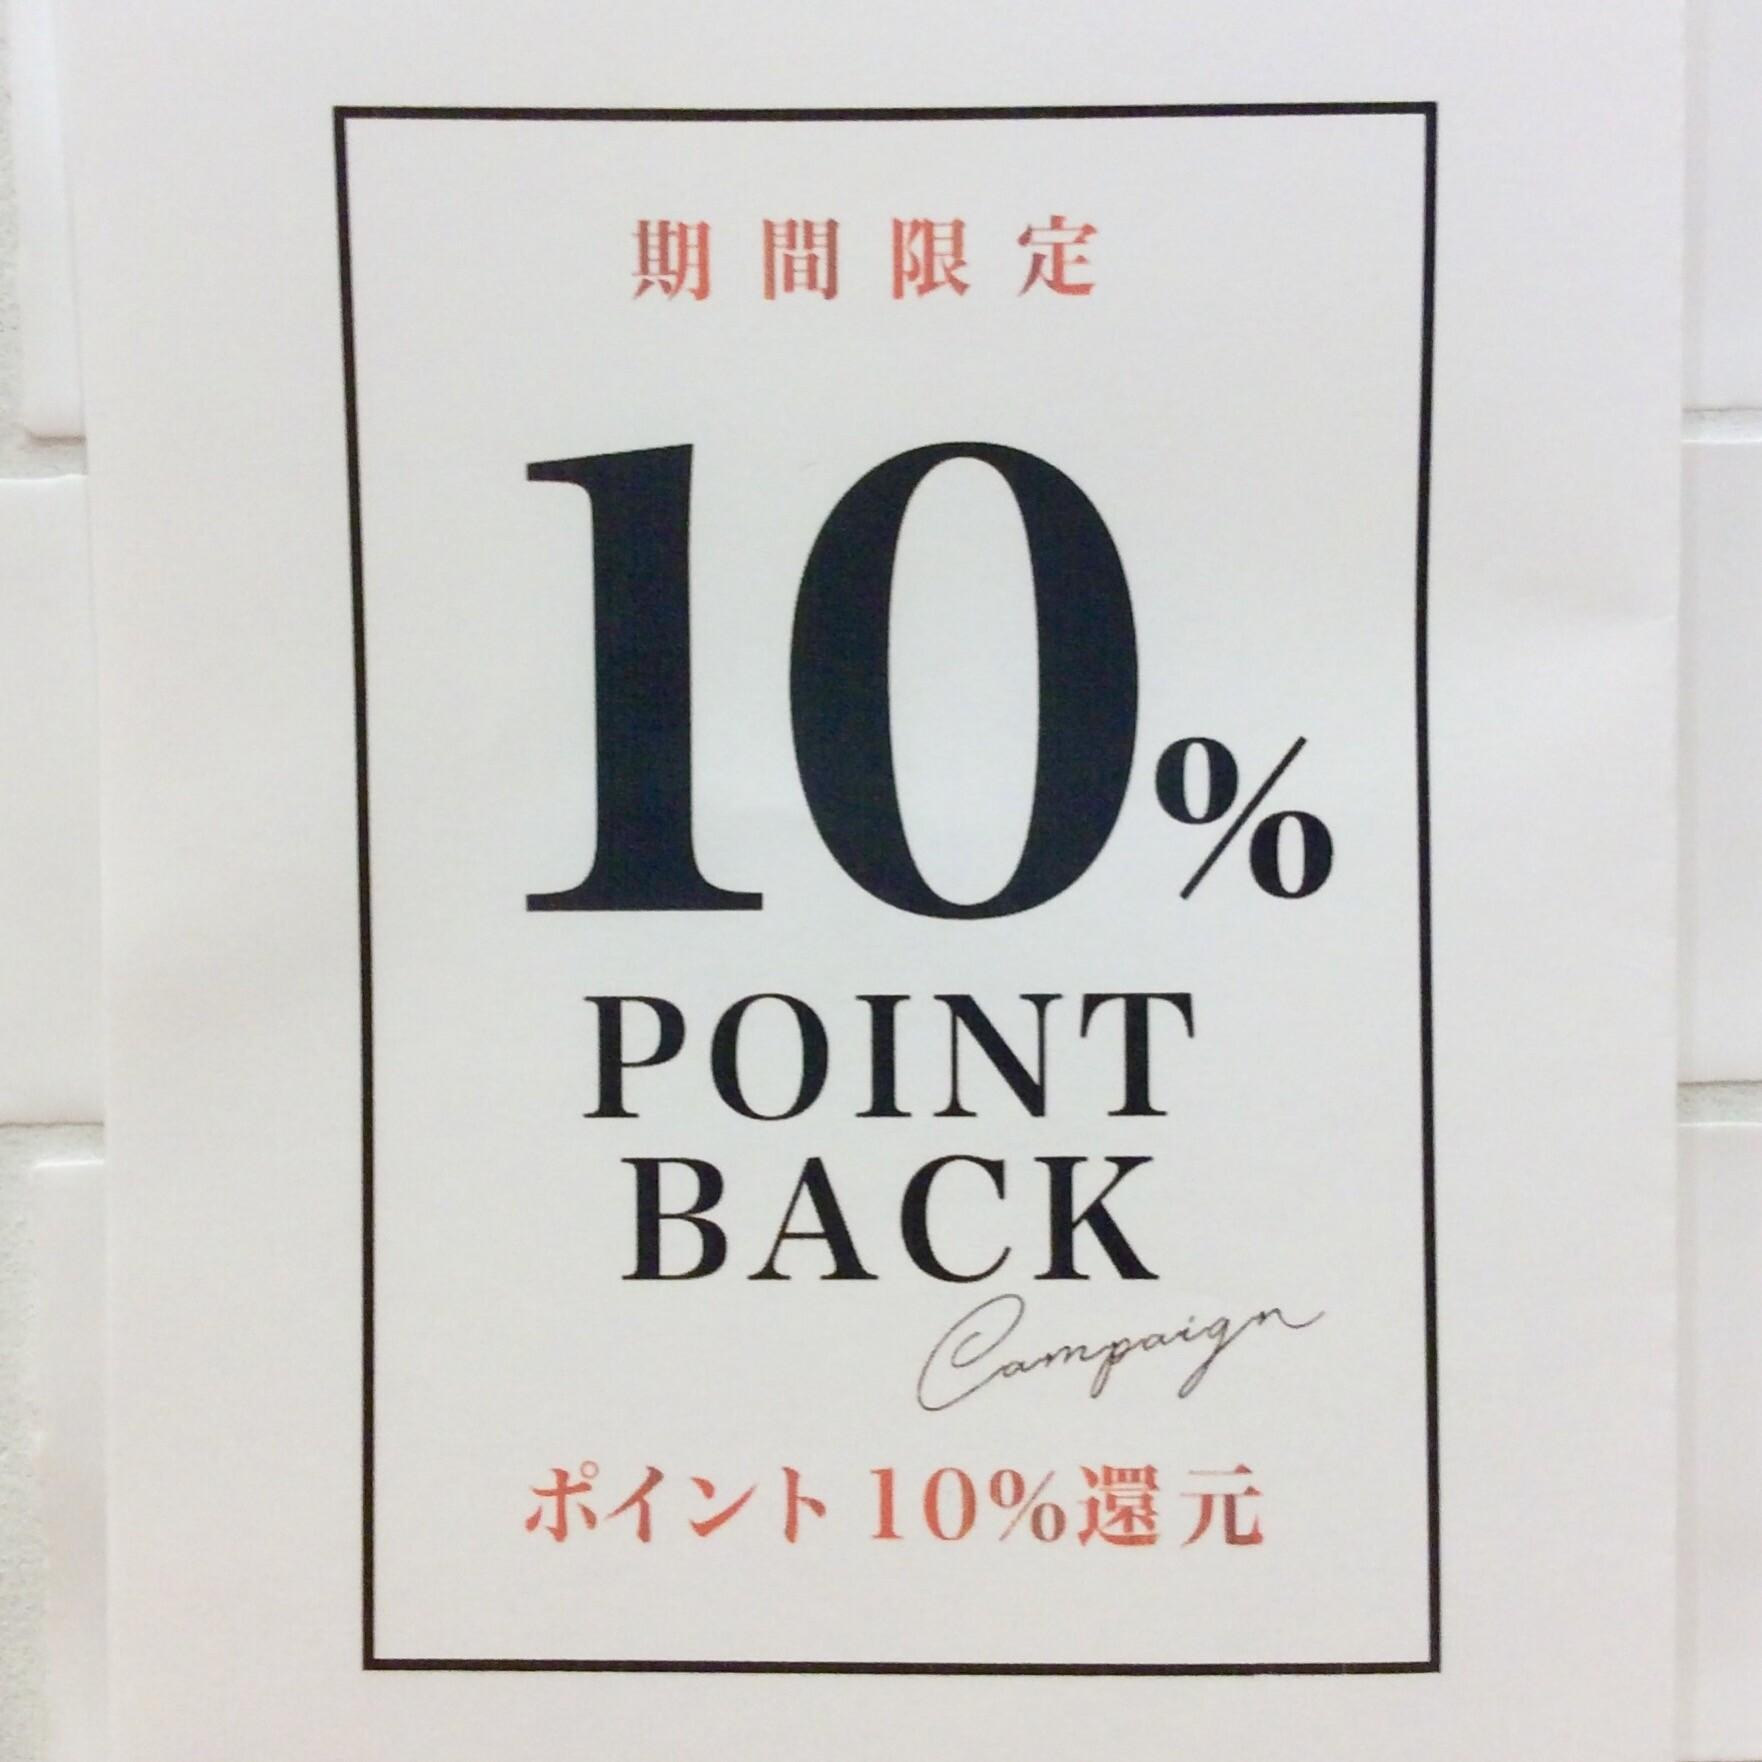 【期間限定】ポイント10%還元キャンペーン